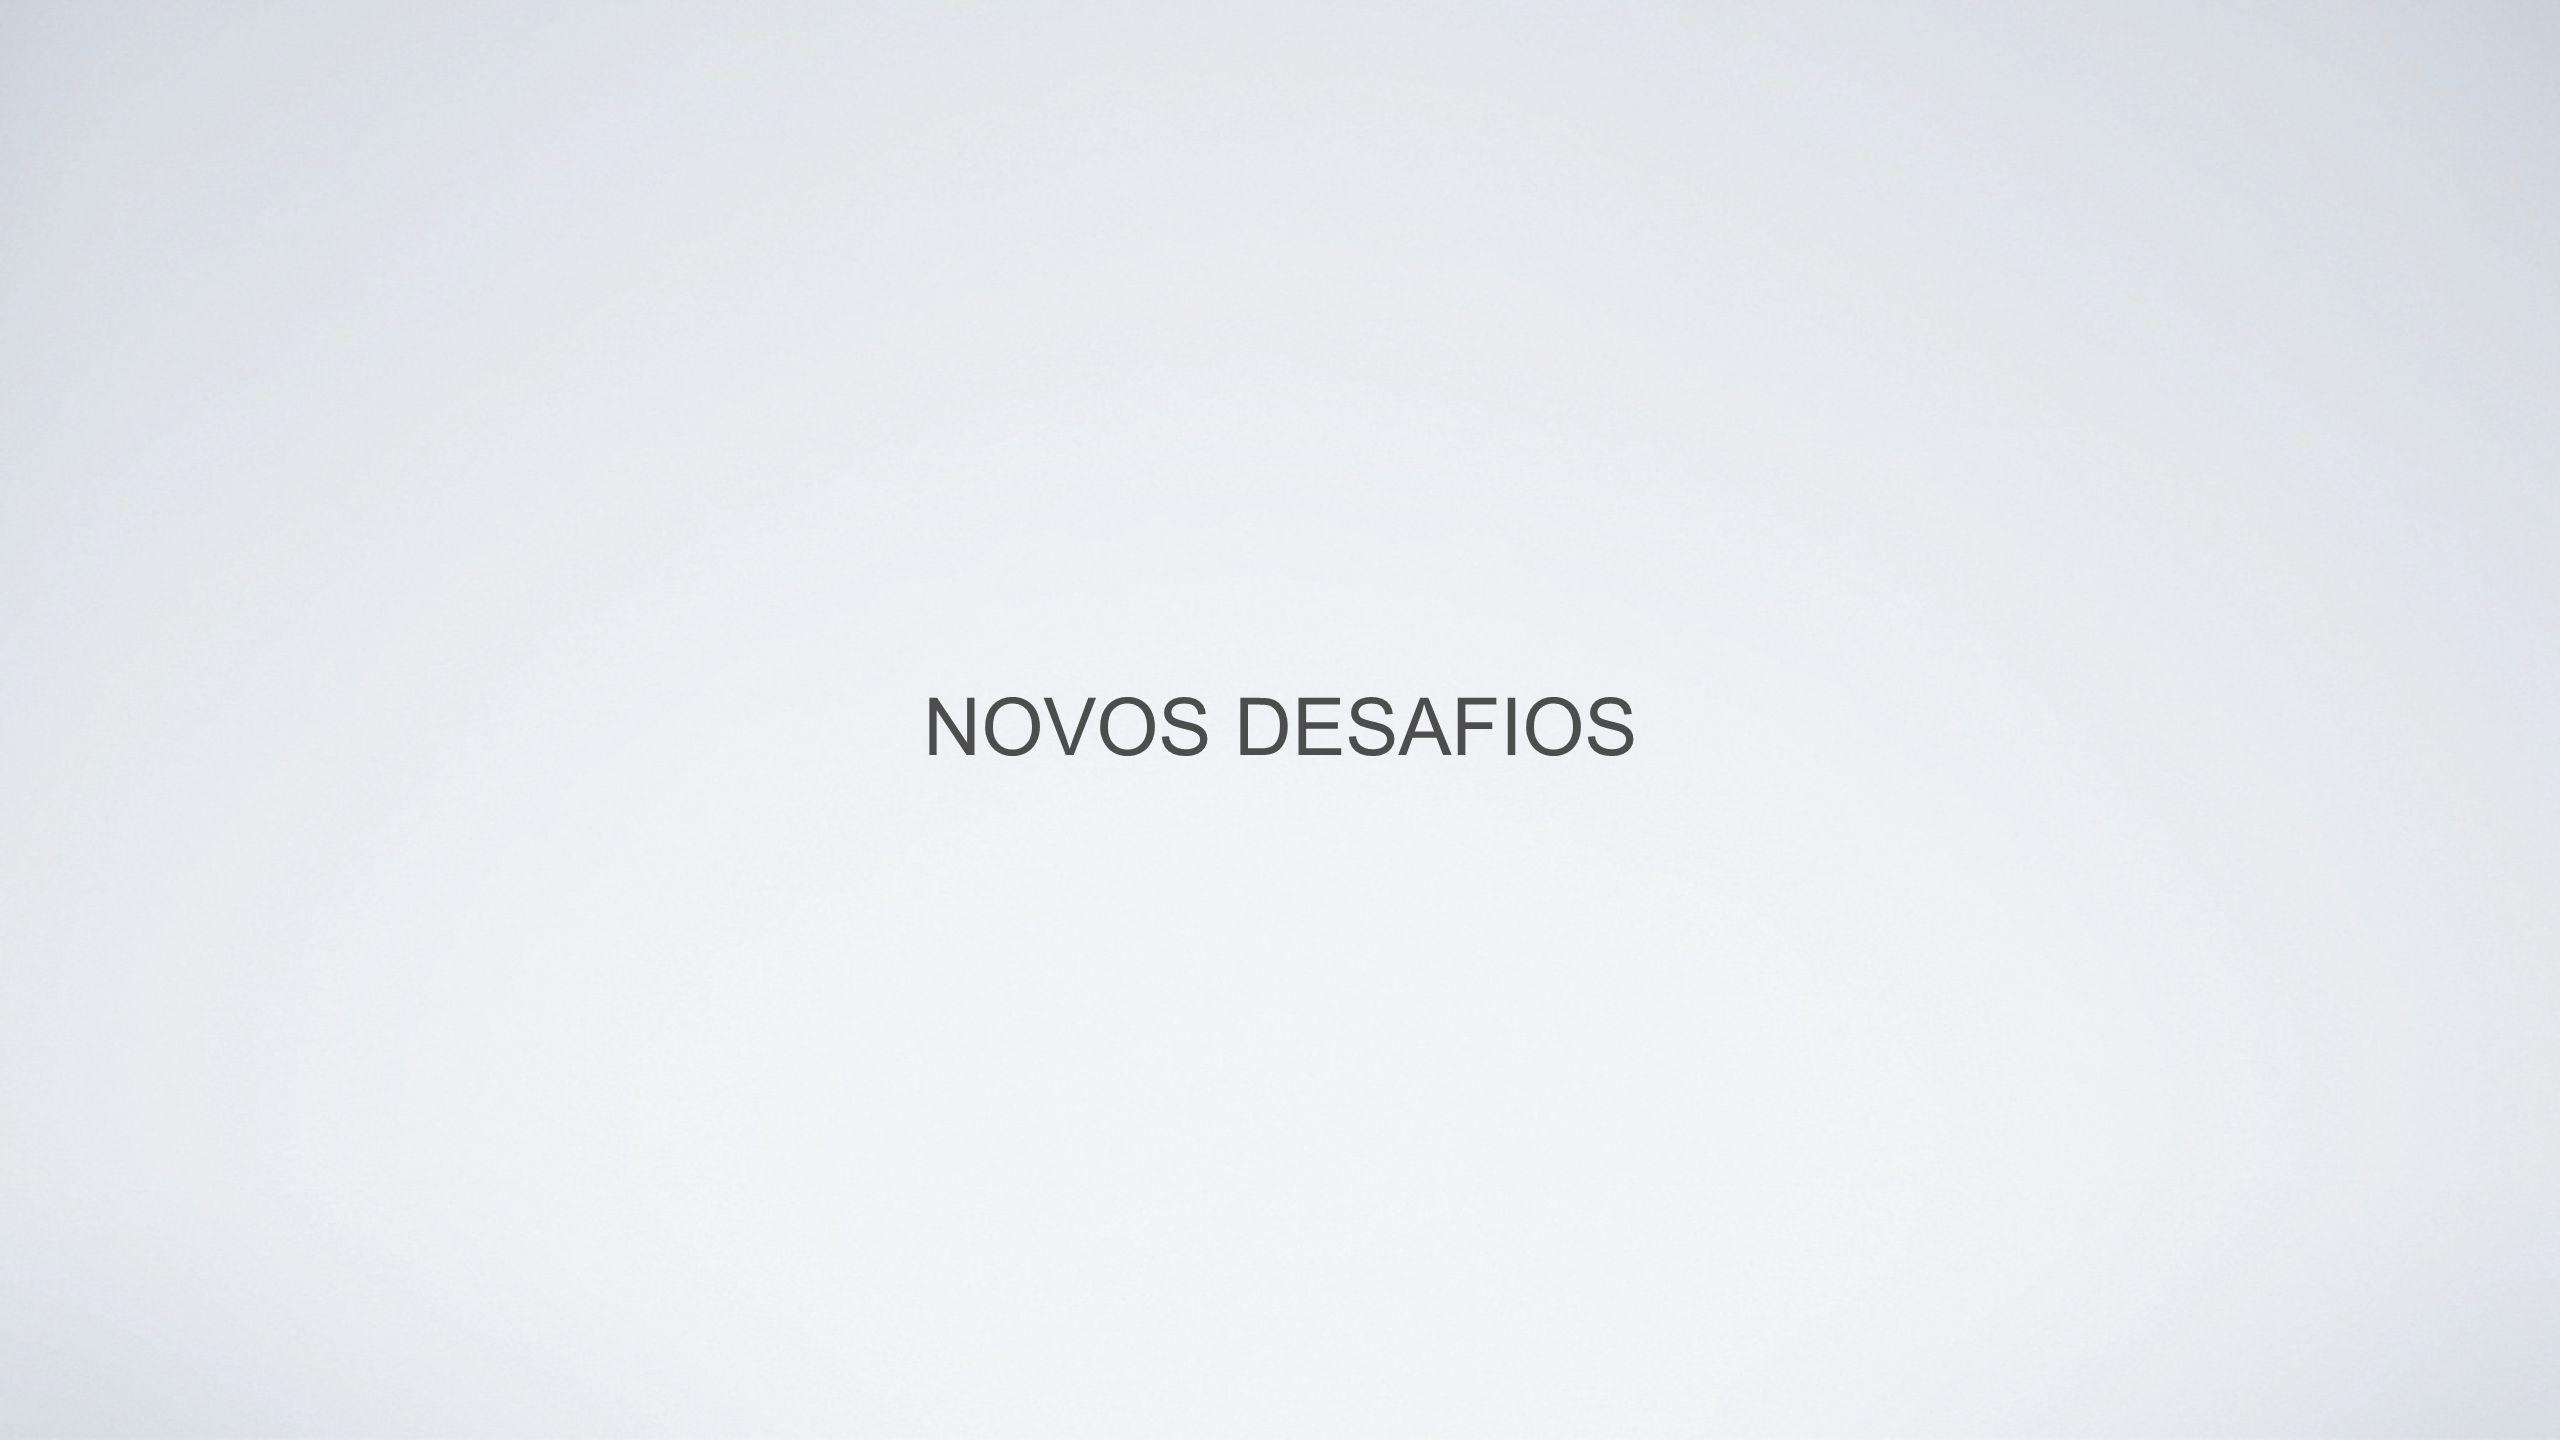 NOVOS DESAFIOS